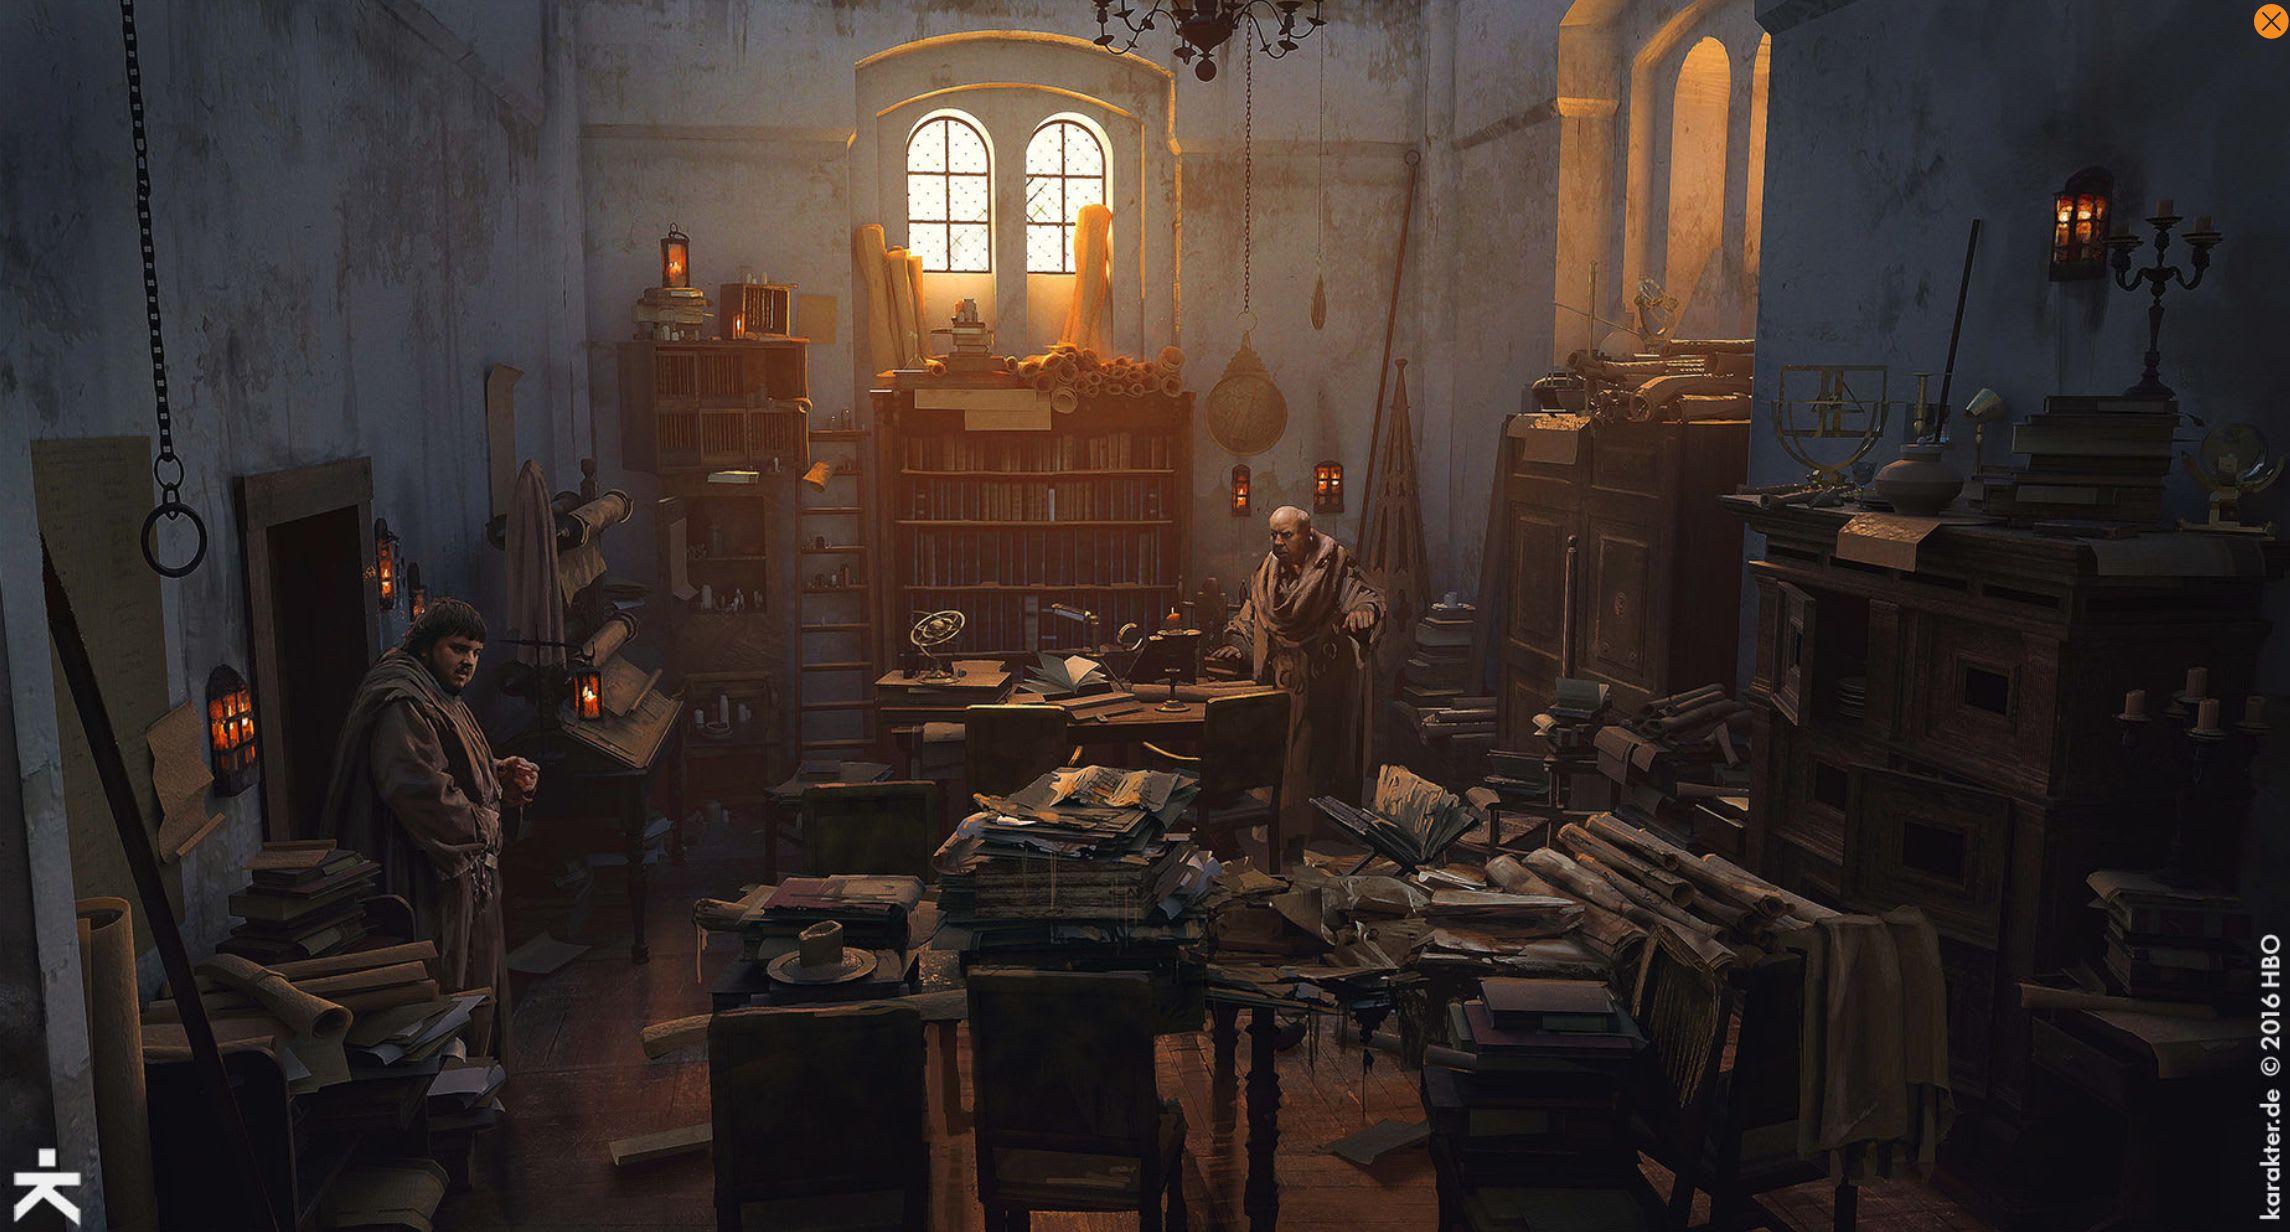 Karakter Releases Must See Concept Art For Game Of Thrones Season 7